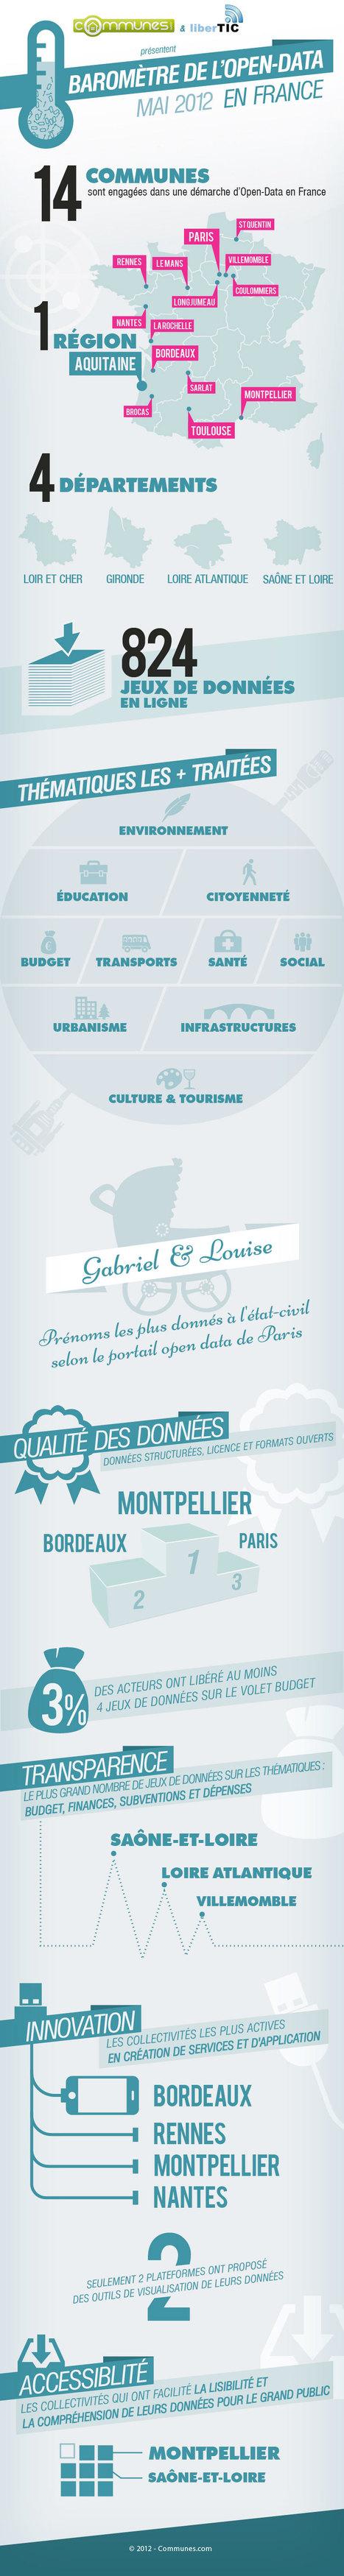 Baromètre de l'open data en France – mai 2012 | Les infographies ! | Scoop.it